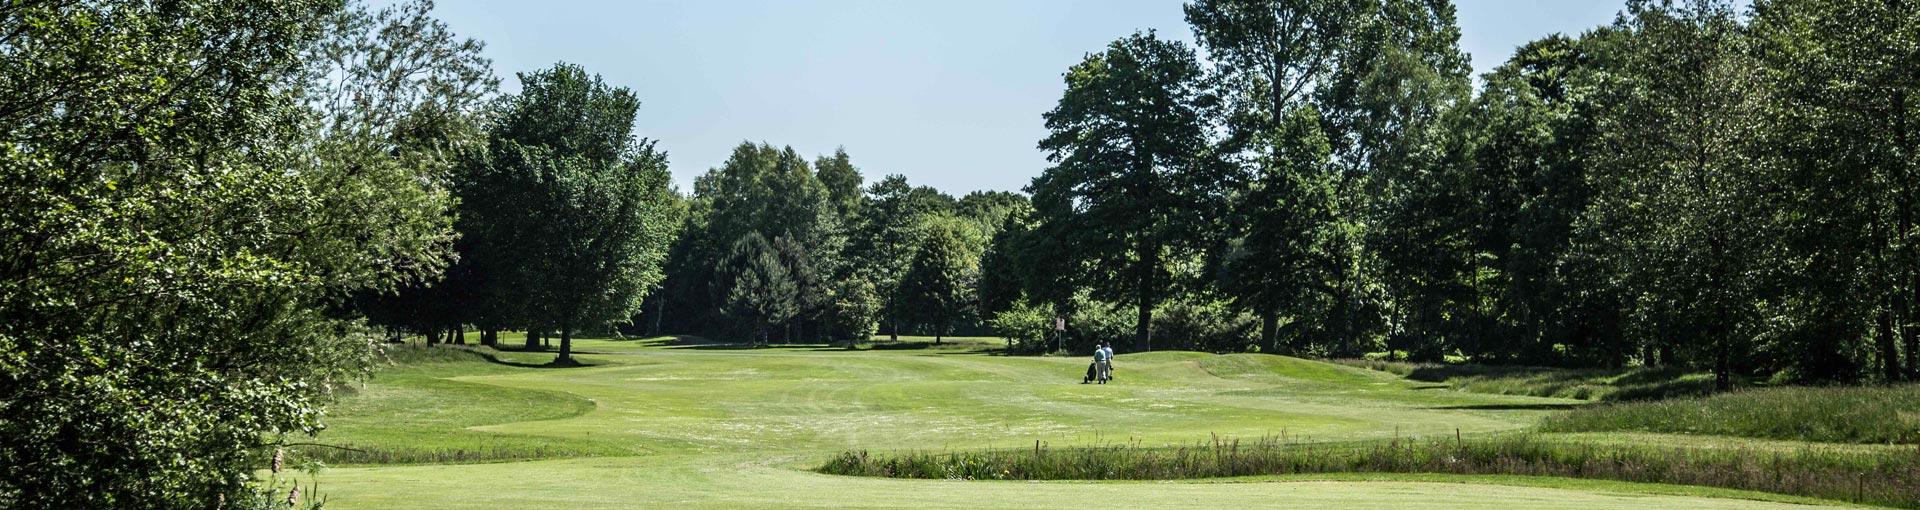 golfeinstieg_3